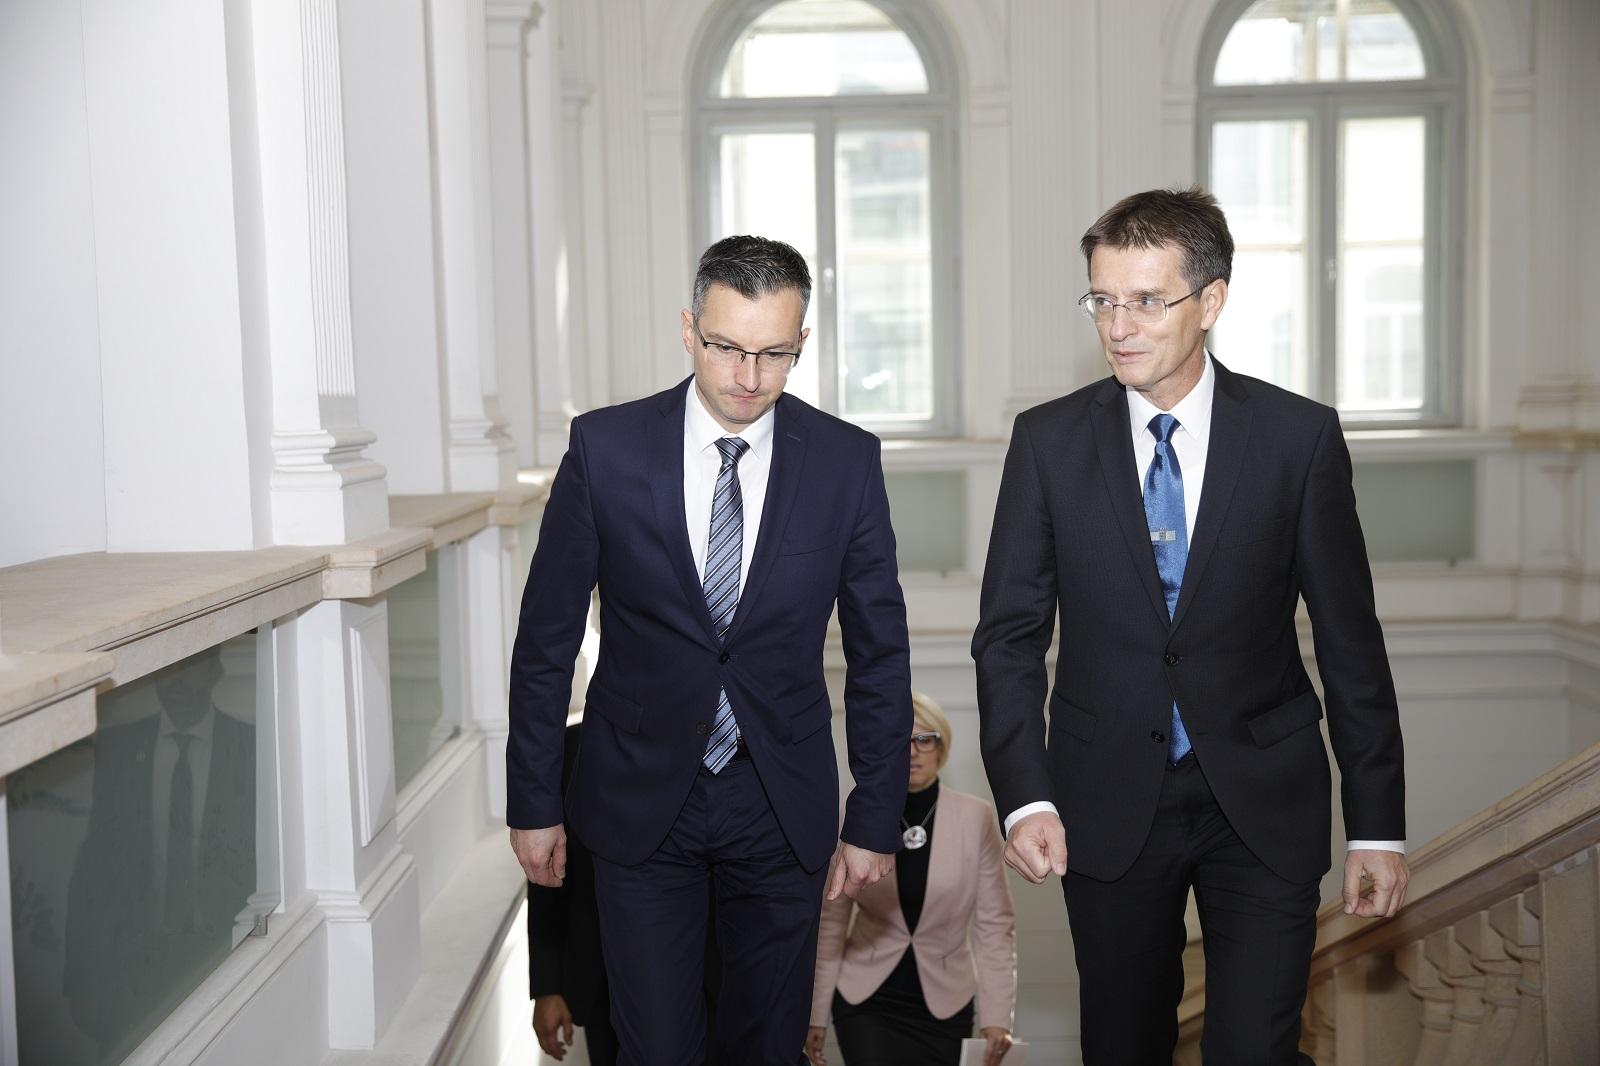 Premier Šarec podal odstopno izjavo